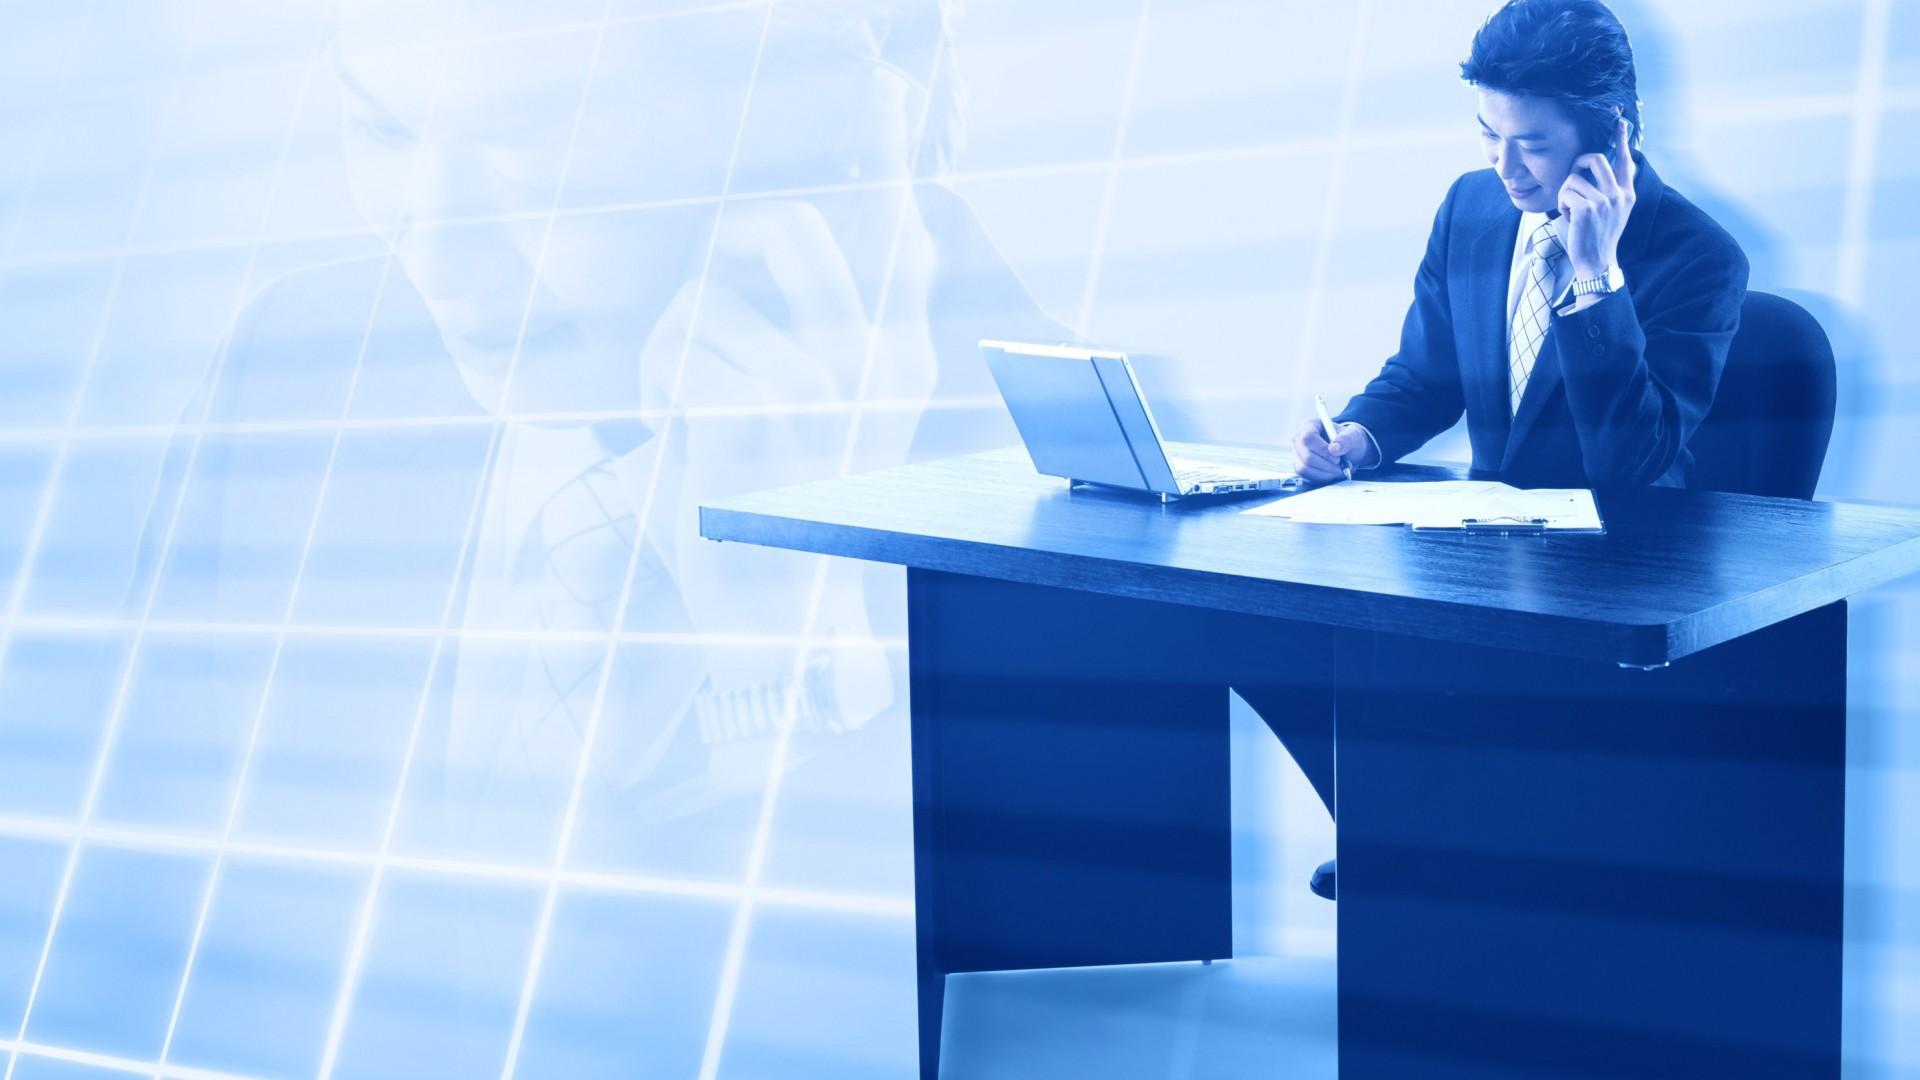 3d Cisco Hd 1920x1080 Wallpaper Free Business Backgrounds Pixelstalk Net